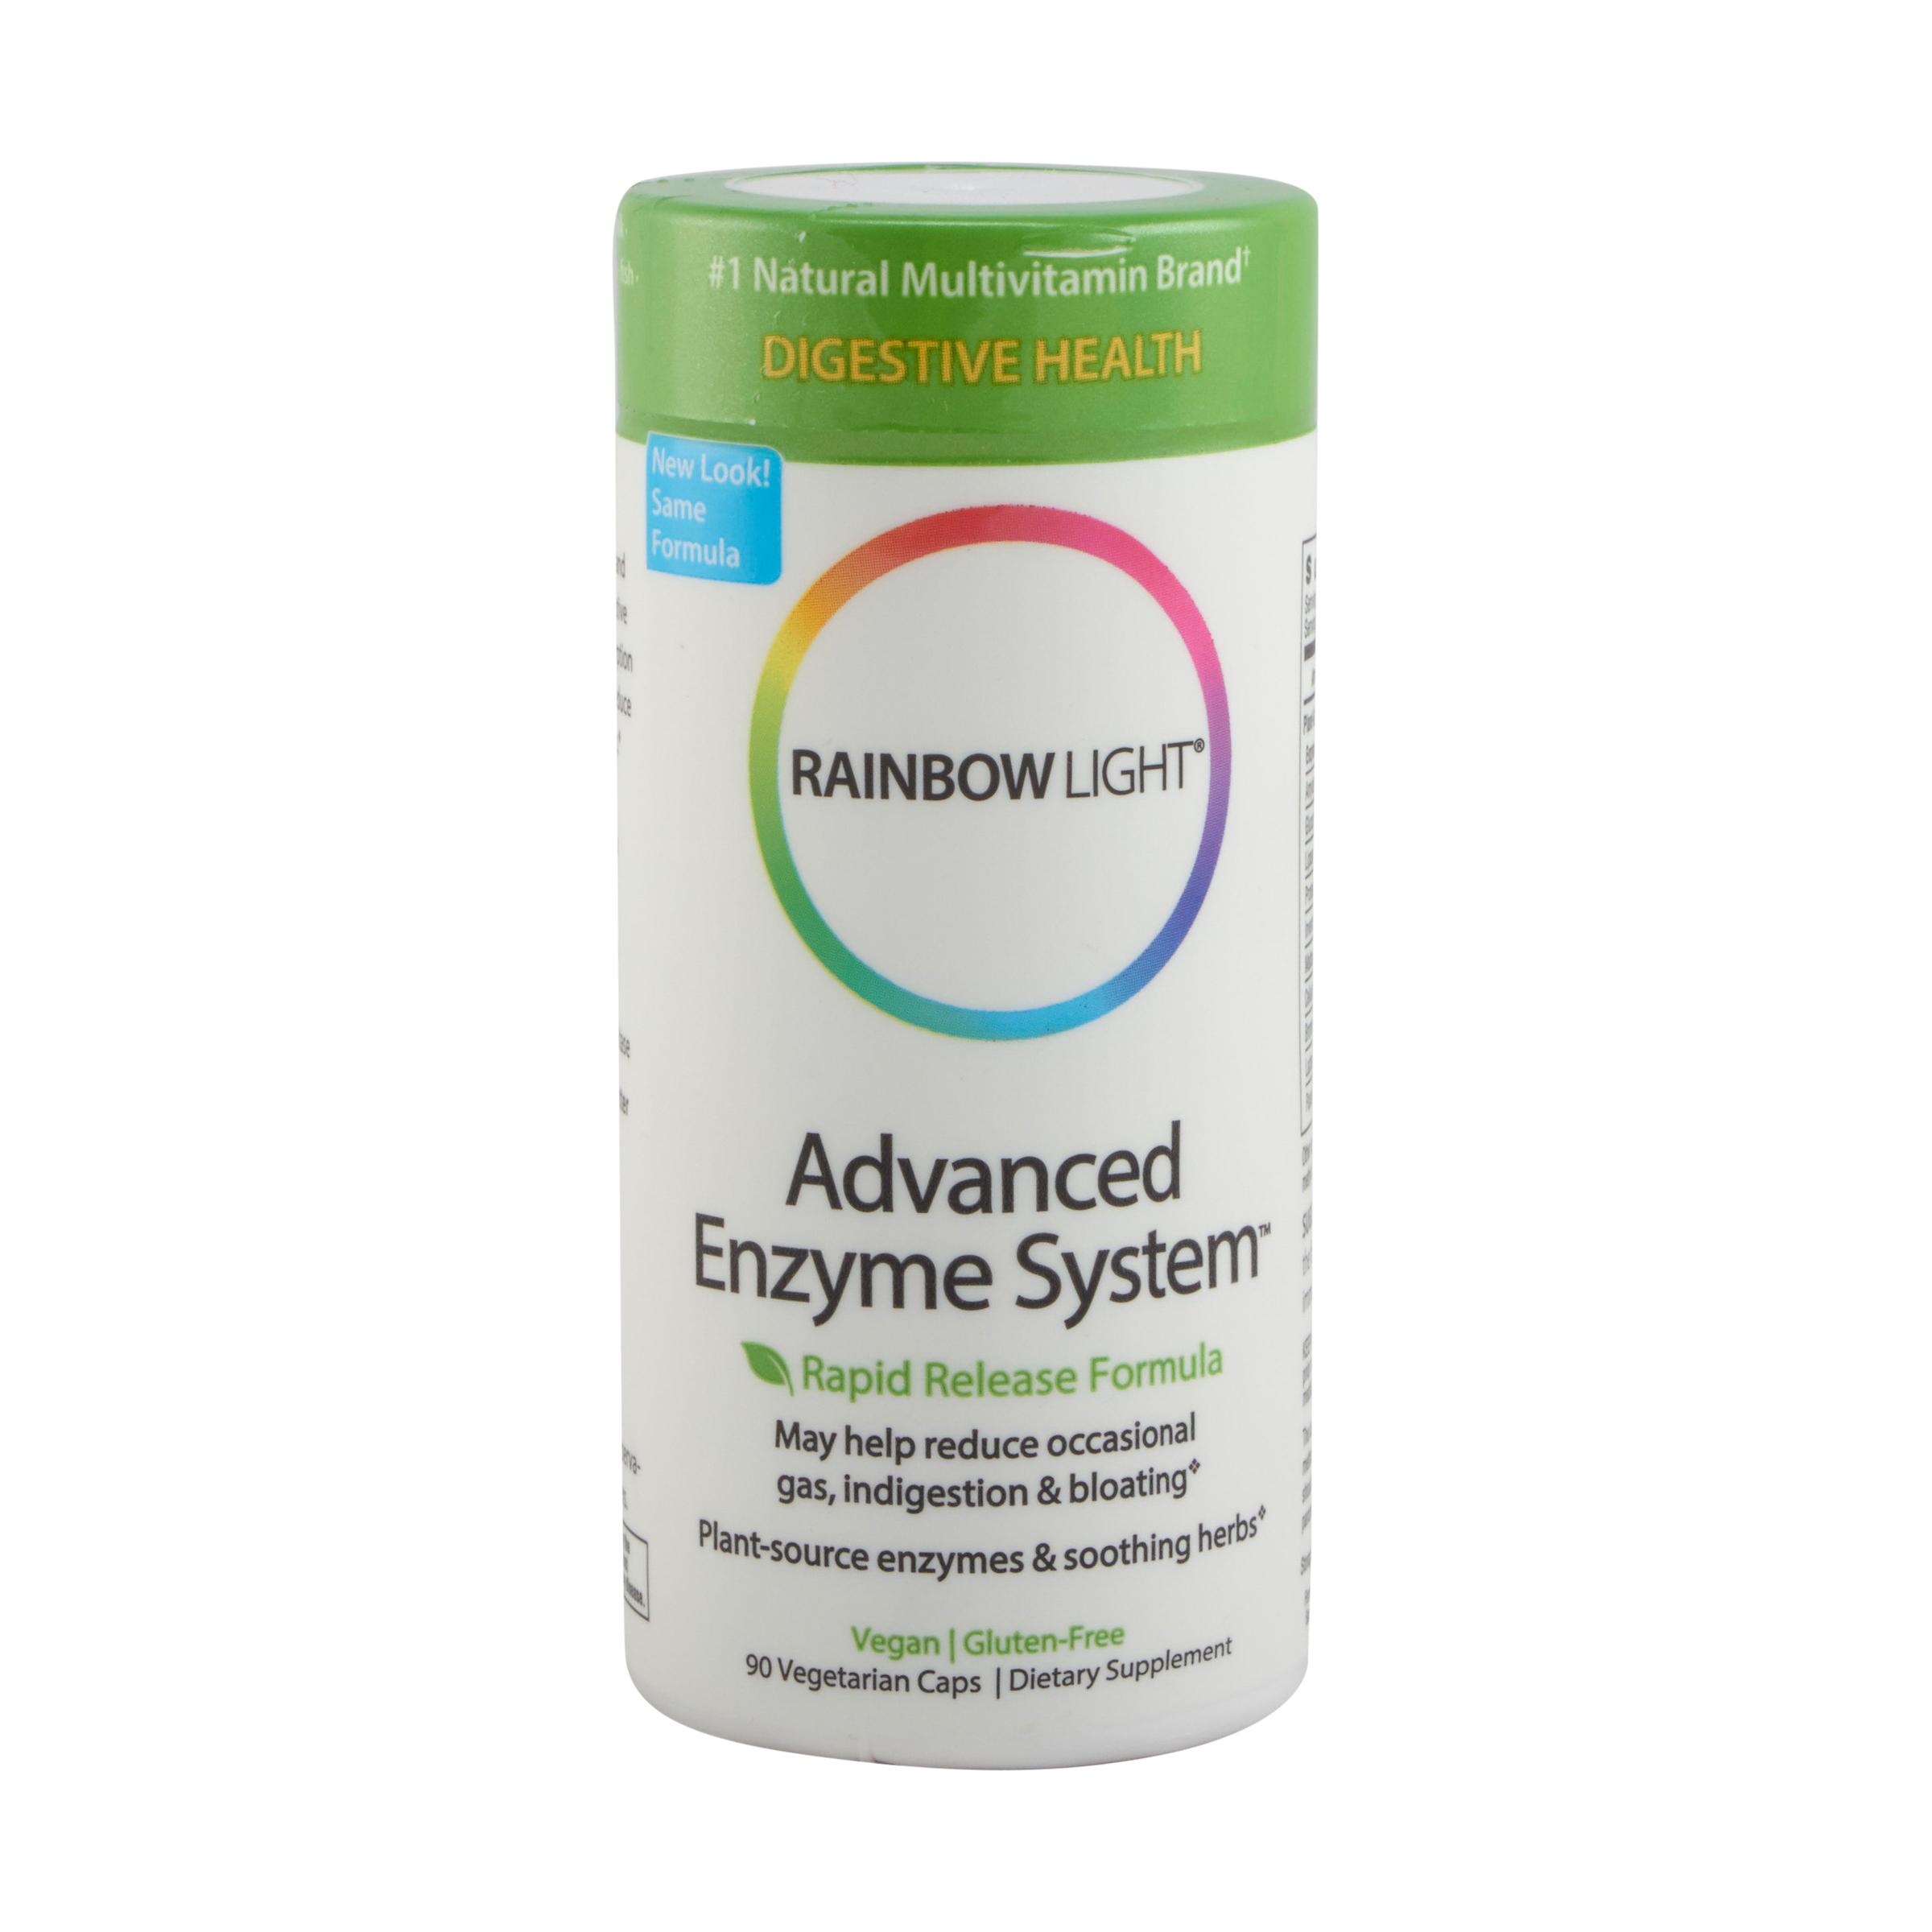 Rainbow Light Fortgeschrittene Enzyme System Kapseln Pflanze Verdauungs 2 Größen